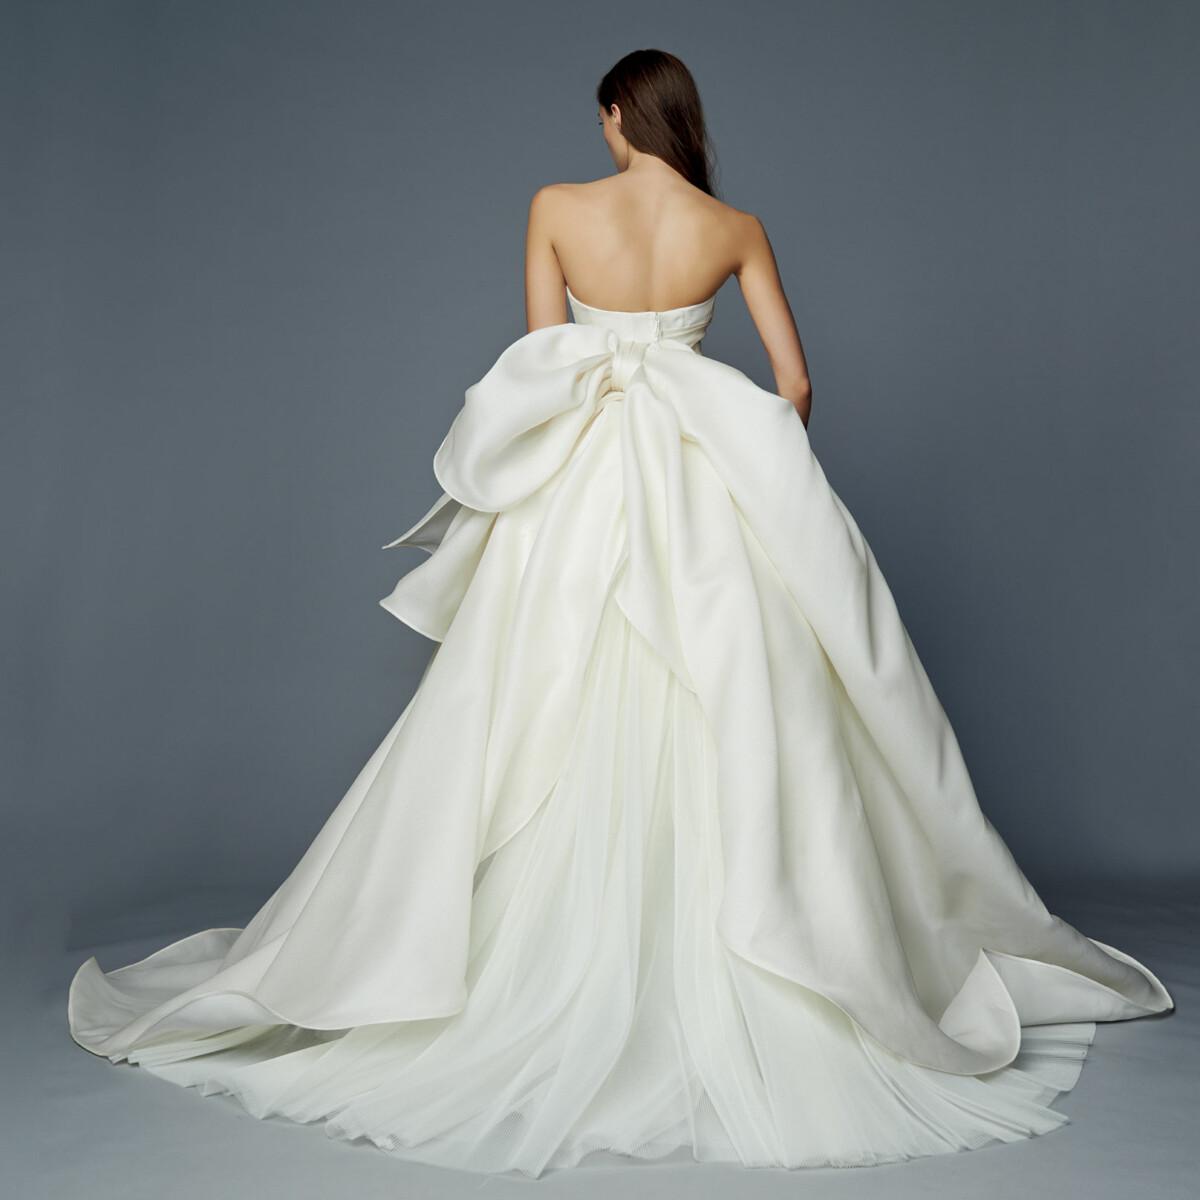 アントニオ リーヴァ ブランドウェディングドレスカラードレス無料試着フェア